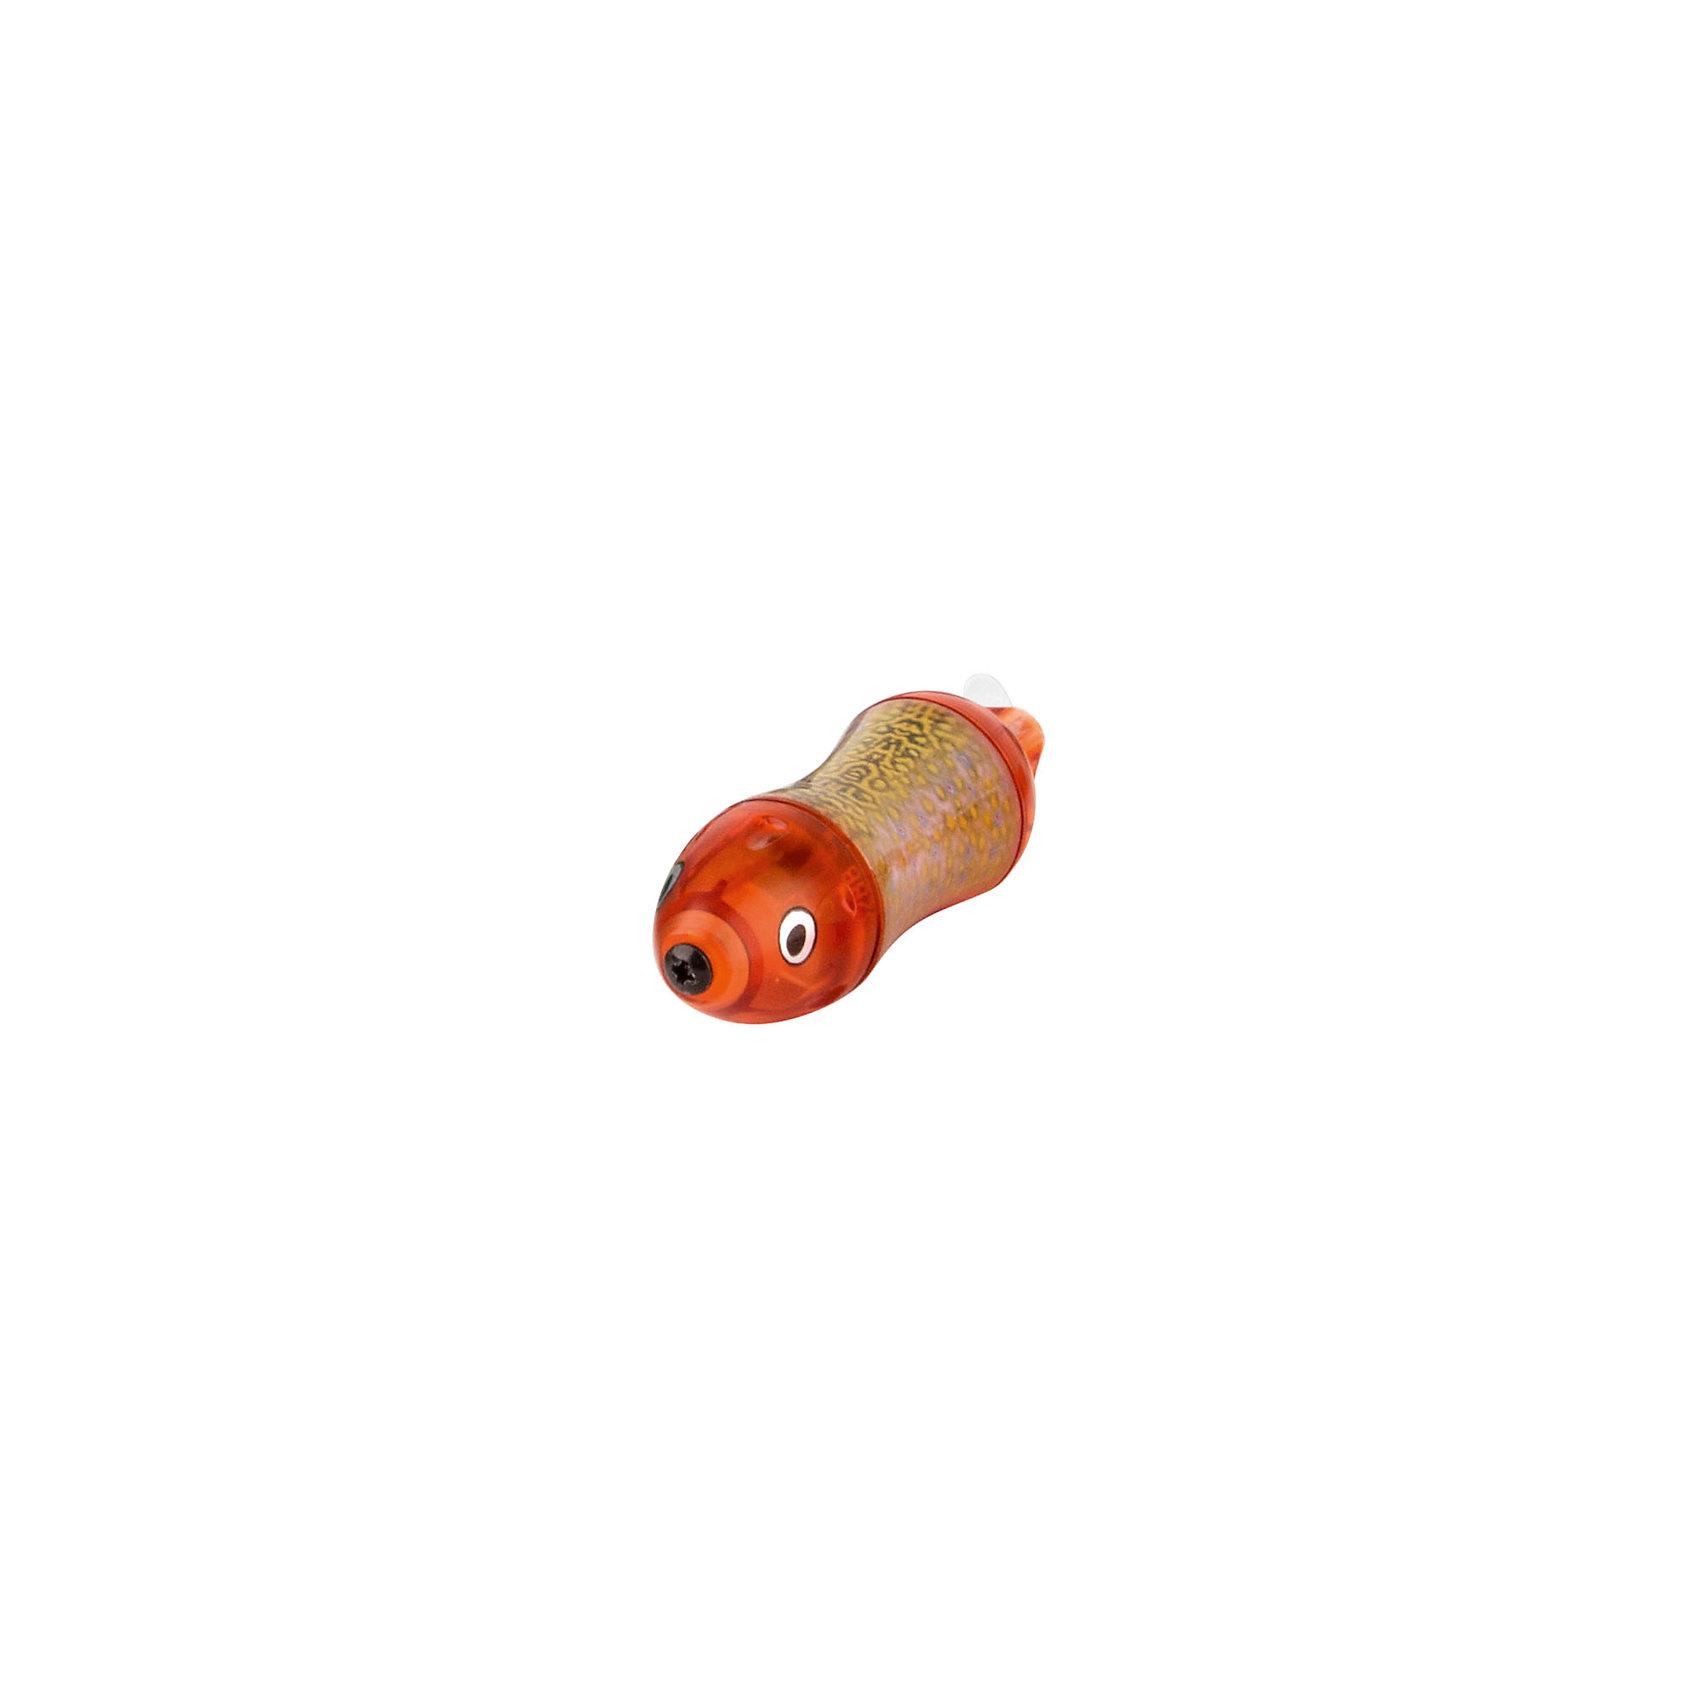 Микро-робот Aquabot Wahoo, красный, HexbugПрочие интерактивные игрушки<br>Микро-робот Aquabot Wahoo, красный, Hexbug (Хексбаг)<br><br>Характеристики:<br><br>• останавливается через 5 минут работы<br>• легко запускается<br>• быстро двигается<br>• батарейки: LR44 - 1 шт.<br>• размер упаковки: 2,5х13х4,5 см<br>• вес: 35 грамм<br>• цвет: красный<br><br>Aquabot Wahoo - маленькая рыбка-робот из линейки микророботов Aquabot. Она быстро двигается в воде, подражая своему прототипу, рыбе Ваху. Через 5 минут работы включается режим энергосбережения и рыбка останавливается. Чтобы она снова начала двигаться, достаточно постучать по стенке аквариума. Aquabot Wahoo - прекрасное развлечение для всей семьи!<br><br>Микро-робот Aquabot Waho, красный, Hexbug (Хексбаг) вы можете купить в нашем интернет-магазине.<br><br>Ширина мм: 130<br>Глубина мм: 20<br>Высота мм: 40<br>Вес г: 35<br>Возраст от месяцев: 36<br>Возраст до месяцев: 2147483647<br>Пол: Унисекс<br>Возраст: Детский<br>SKU: 5506936